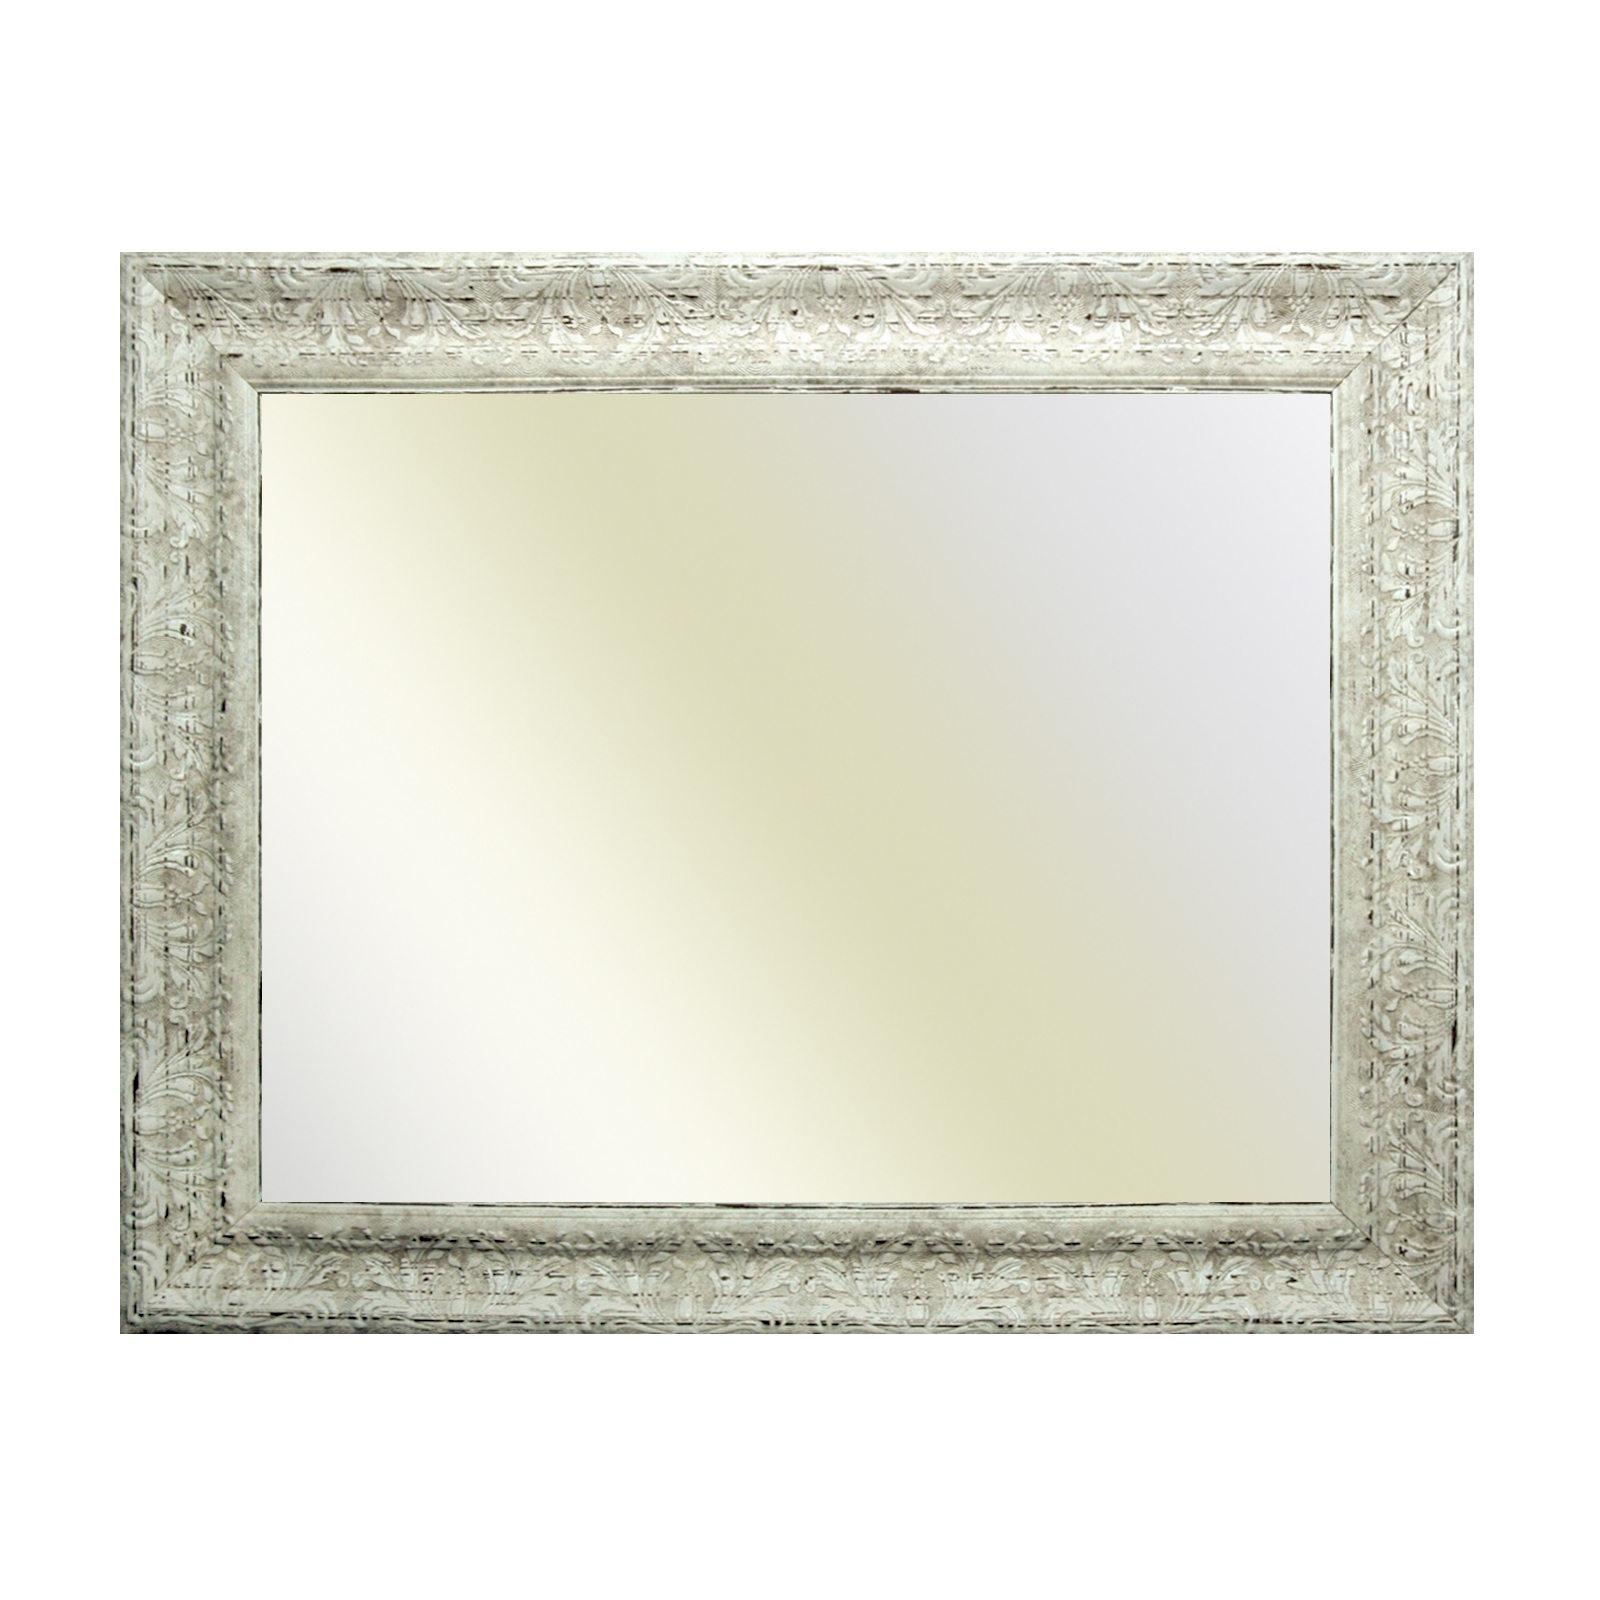 Baroque cadre blanc blanc blanc fineHommes t décorés 843 AVO, différentes variantes 081f9c